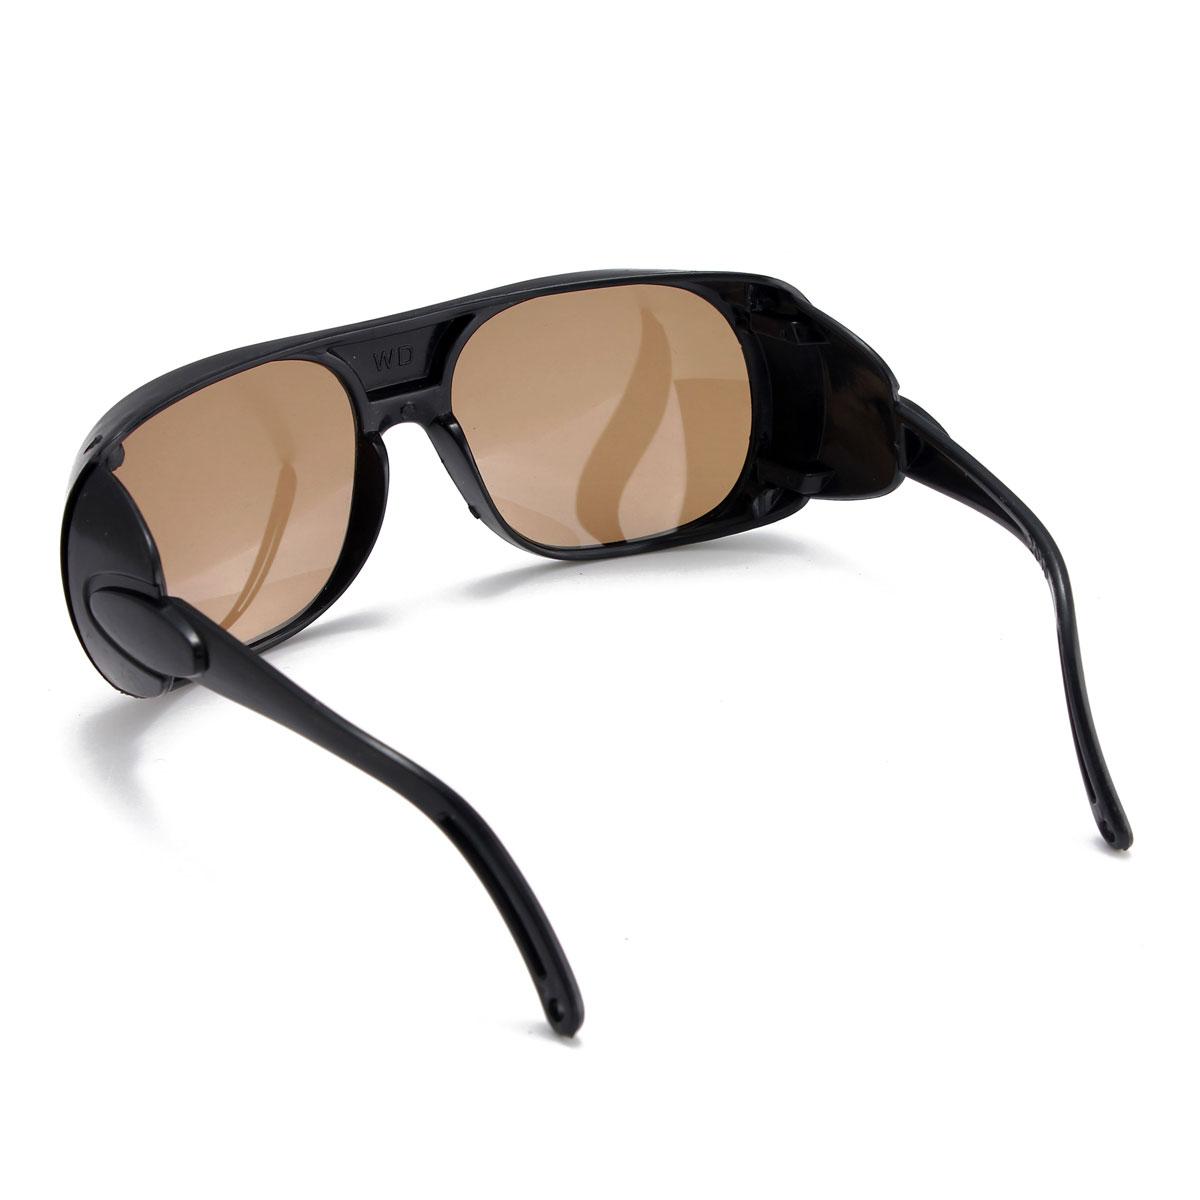 Lunette de soudage masque soudure lentille protection yeux - Lunette de soudure ...